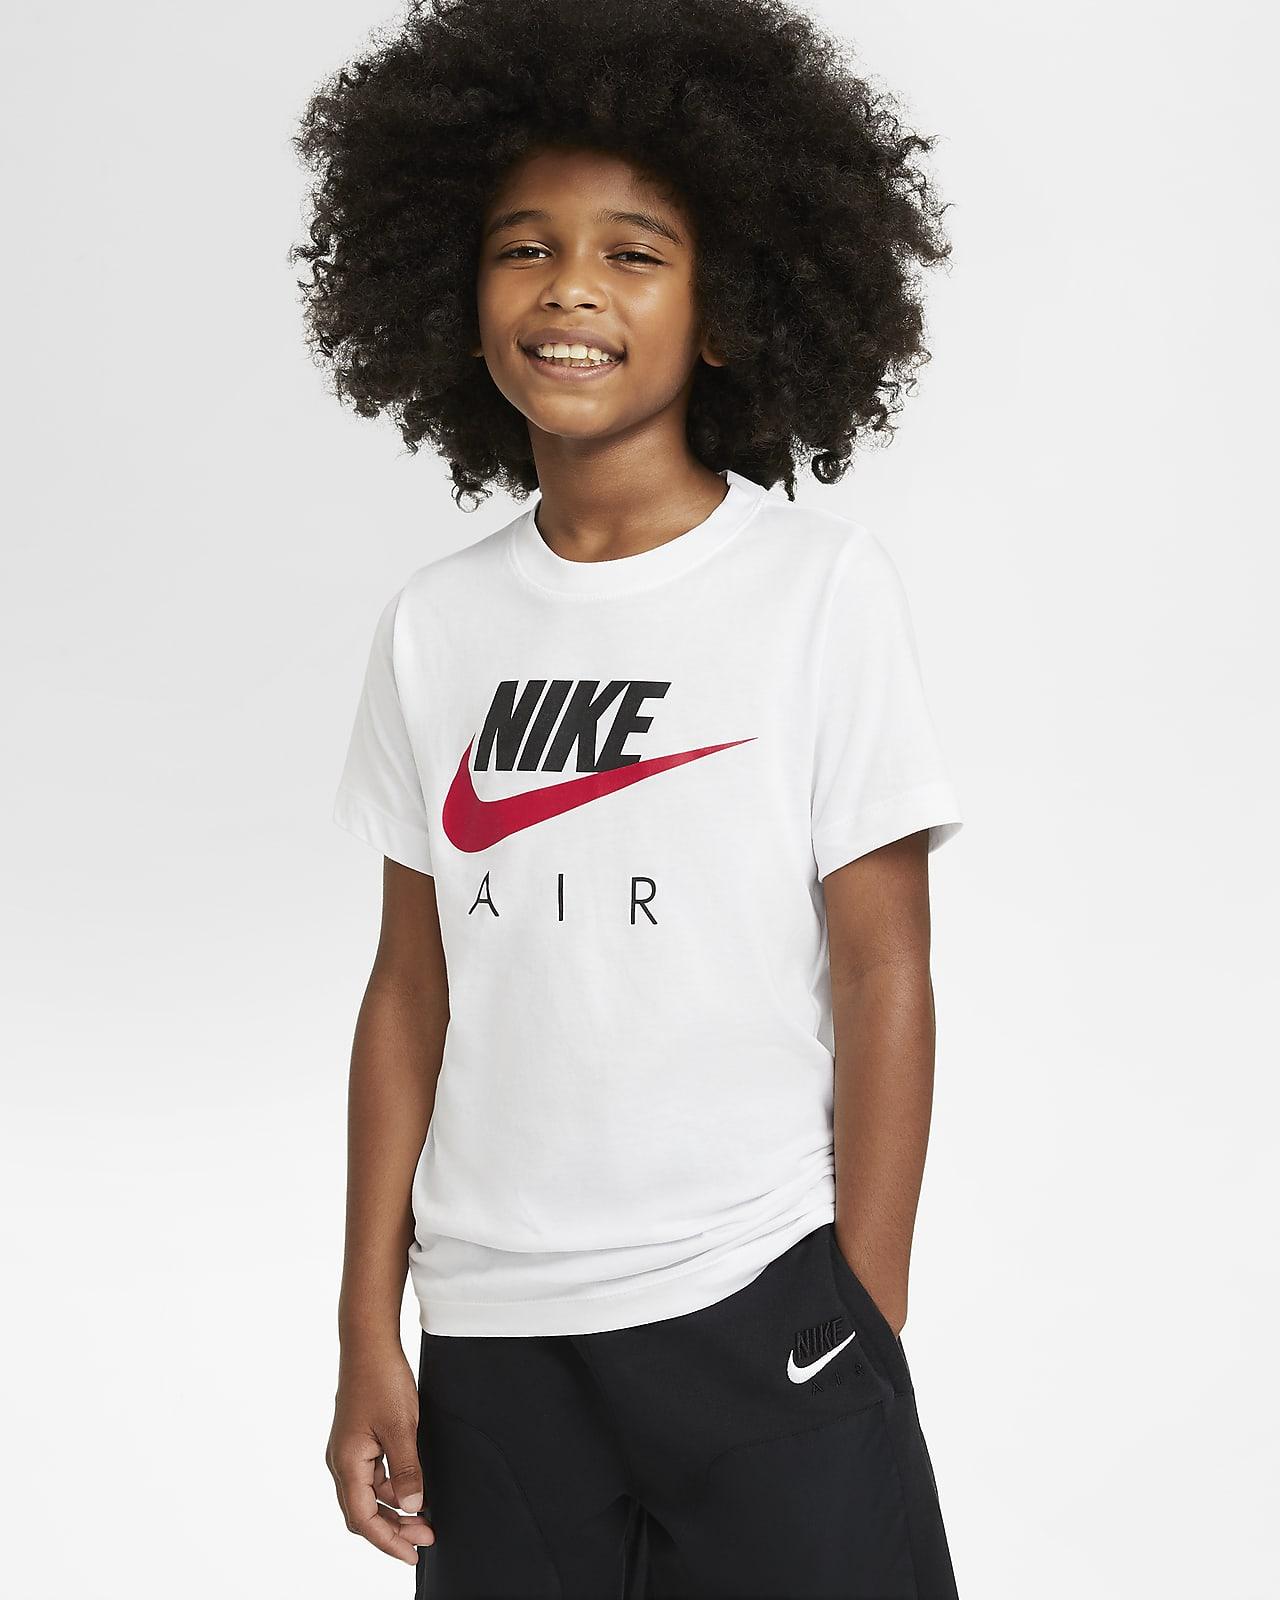 T-shirt Nike Air - Ragazzo